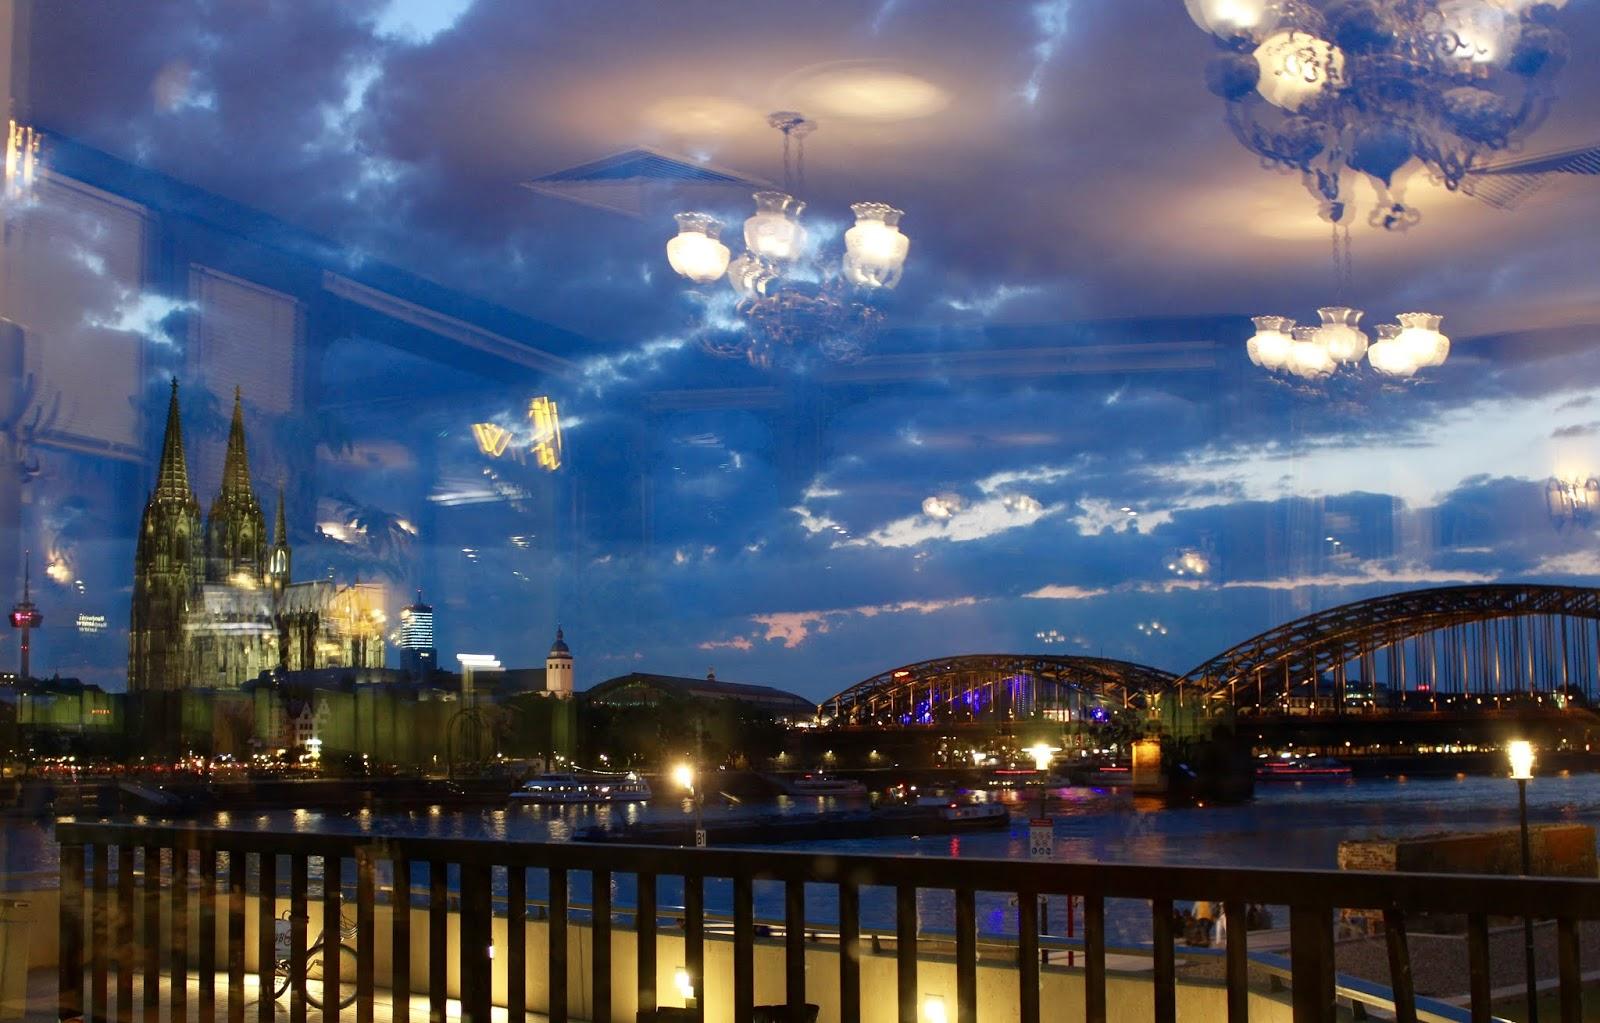 Meine Heimatstadt Köln vom Restaurant Oasis aus gesehen